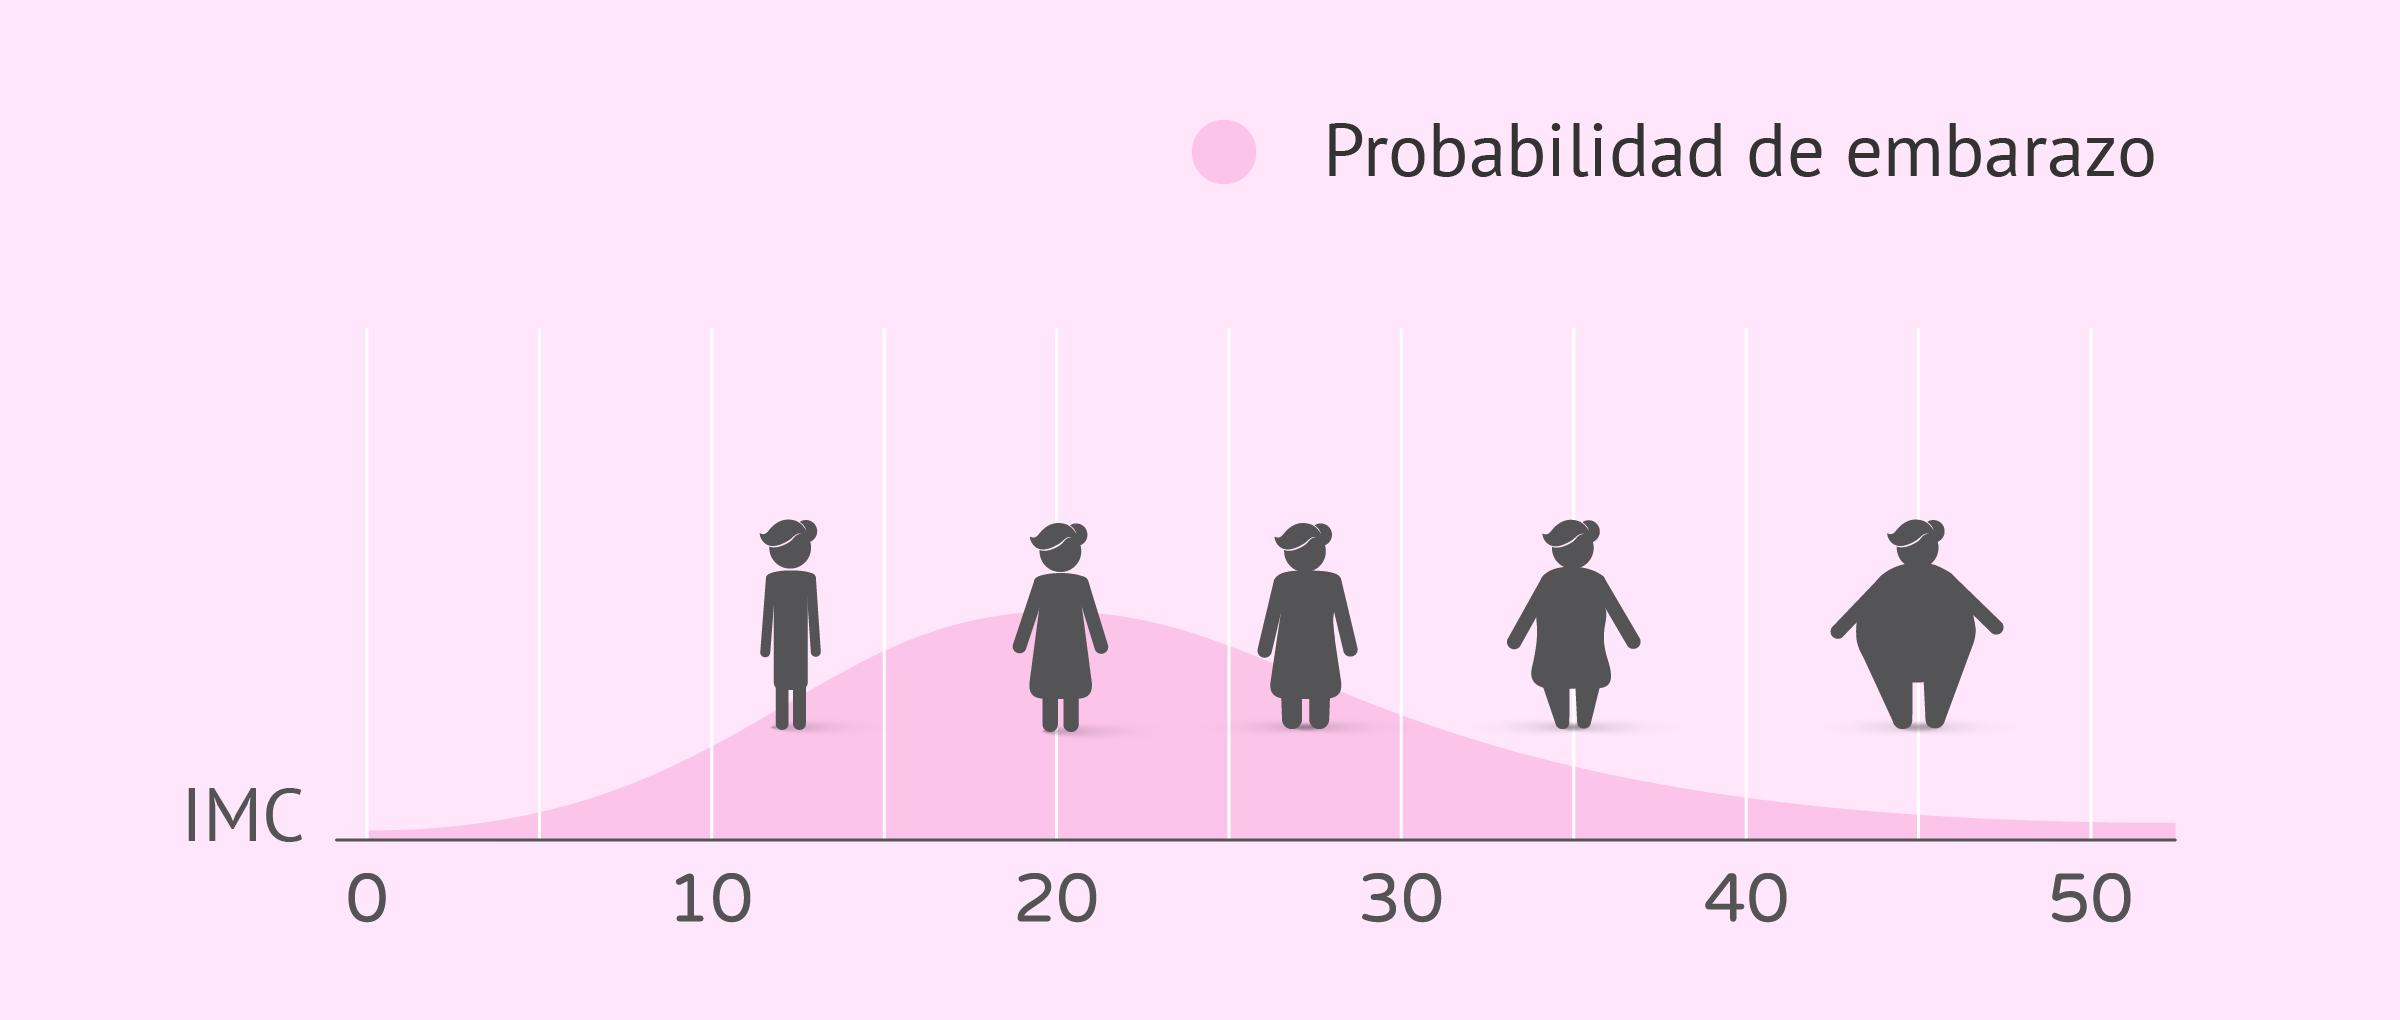 Probabilidad de embarazo en función del IMC